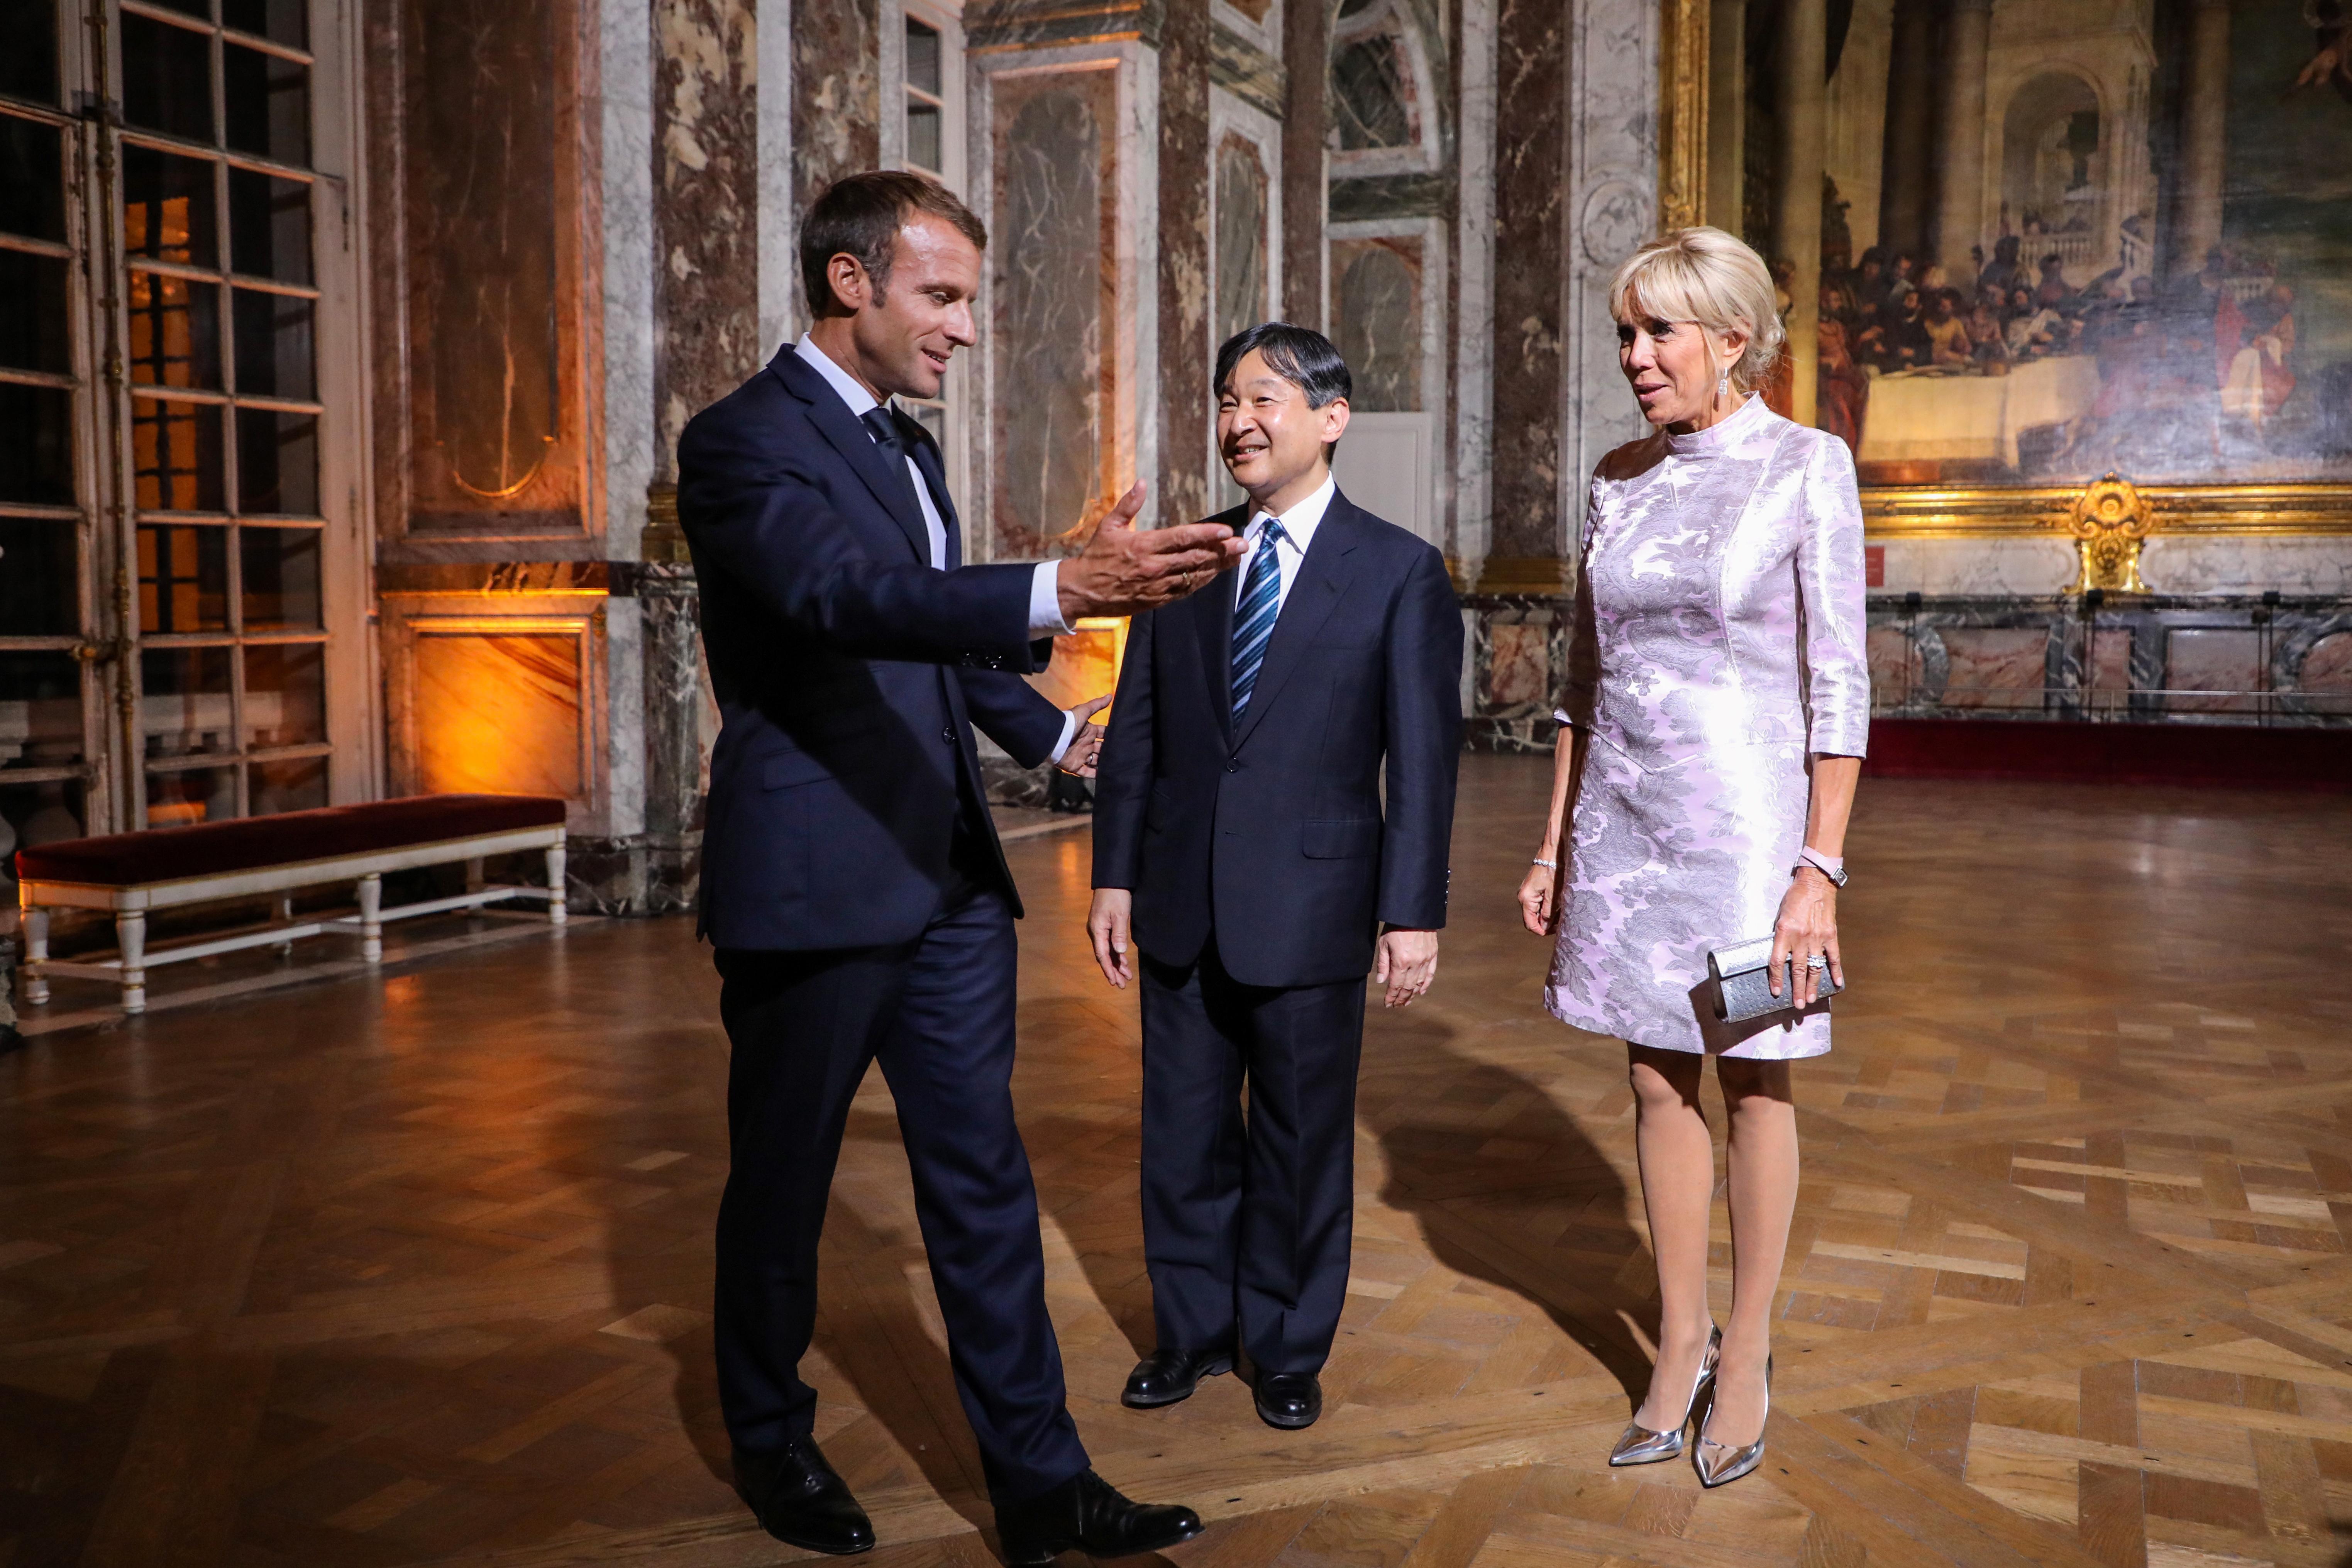 Френският президент и съпругата му Брижит Макрон посрещнаха престолонаследника на Япония принц Нарухито във Версайския дворец. Пред почетния караул на Републиканската гвардия на Франция, президентът приветства с добре дошъл госта си, след което двамата имаха възможност да разговарят на четири очи.